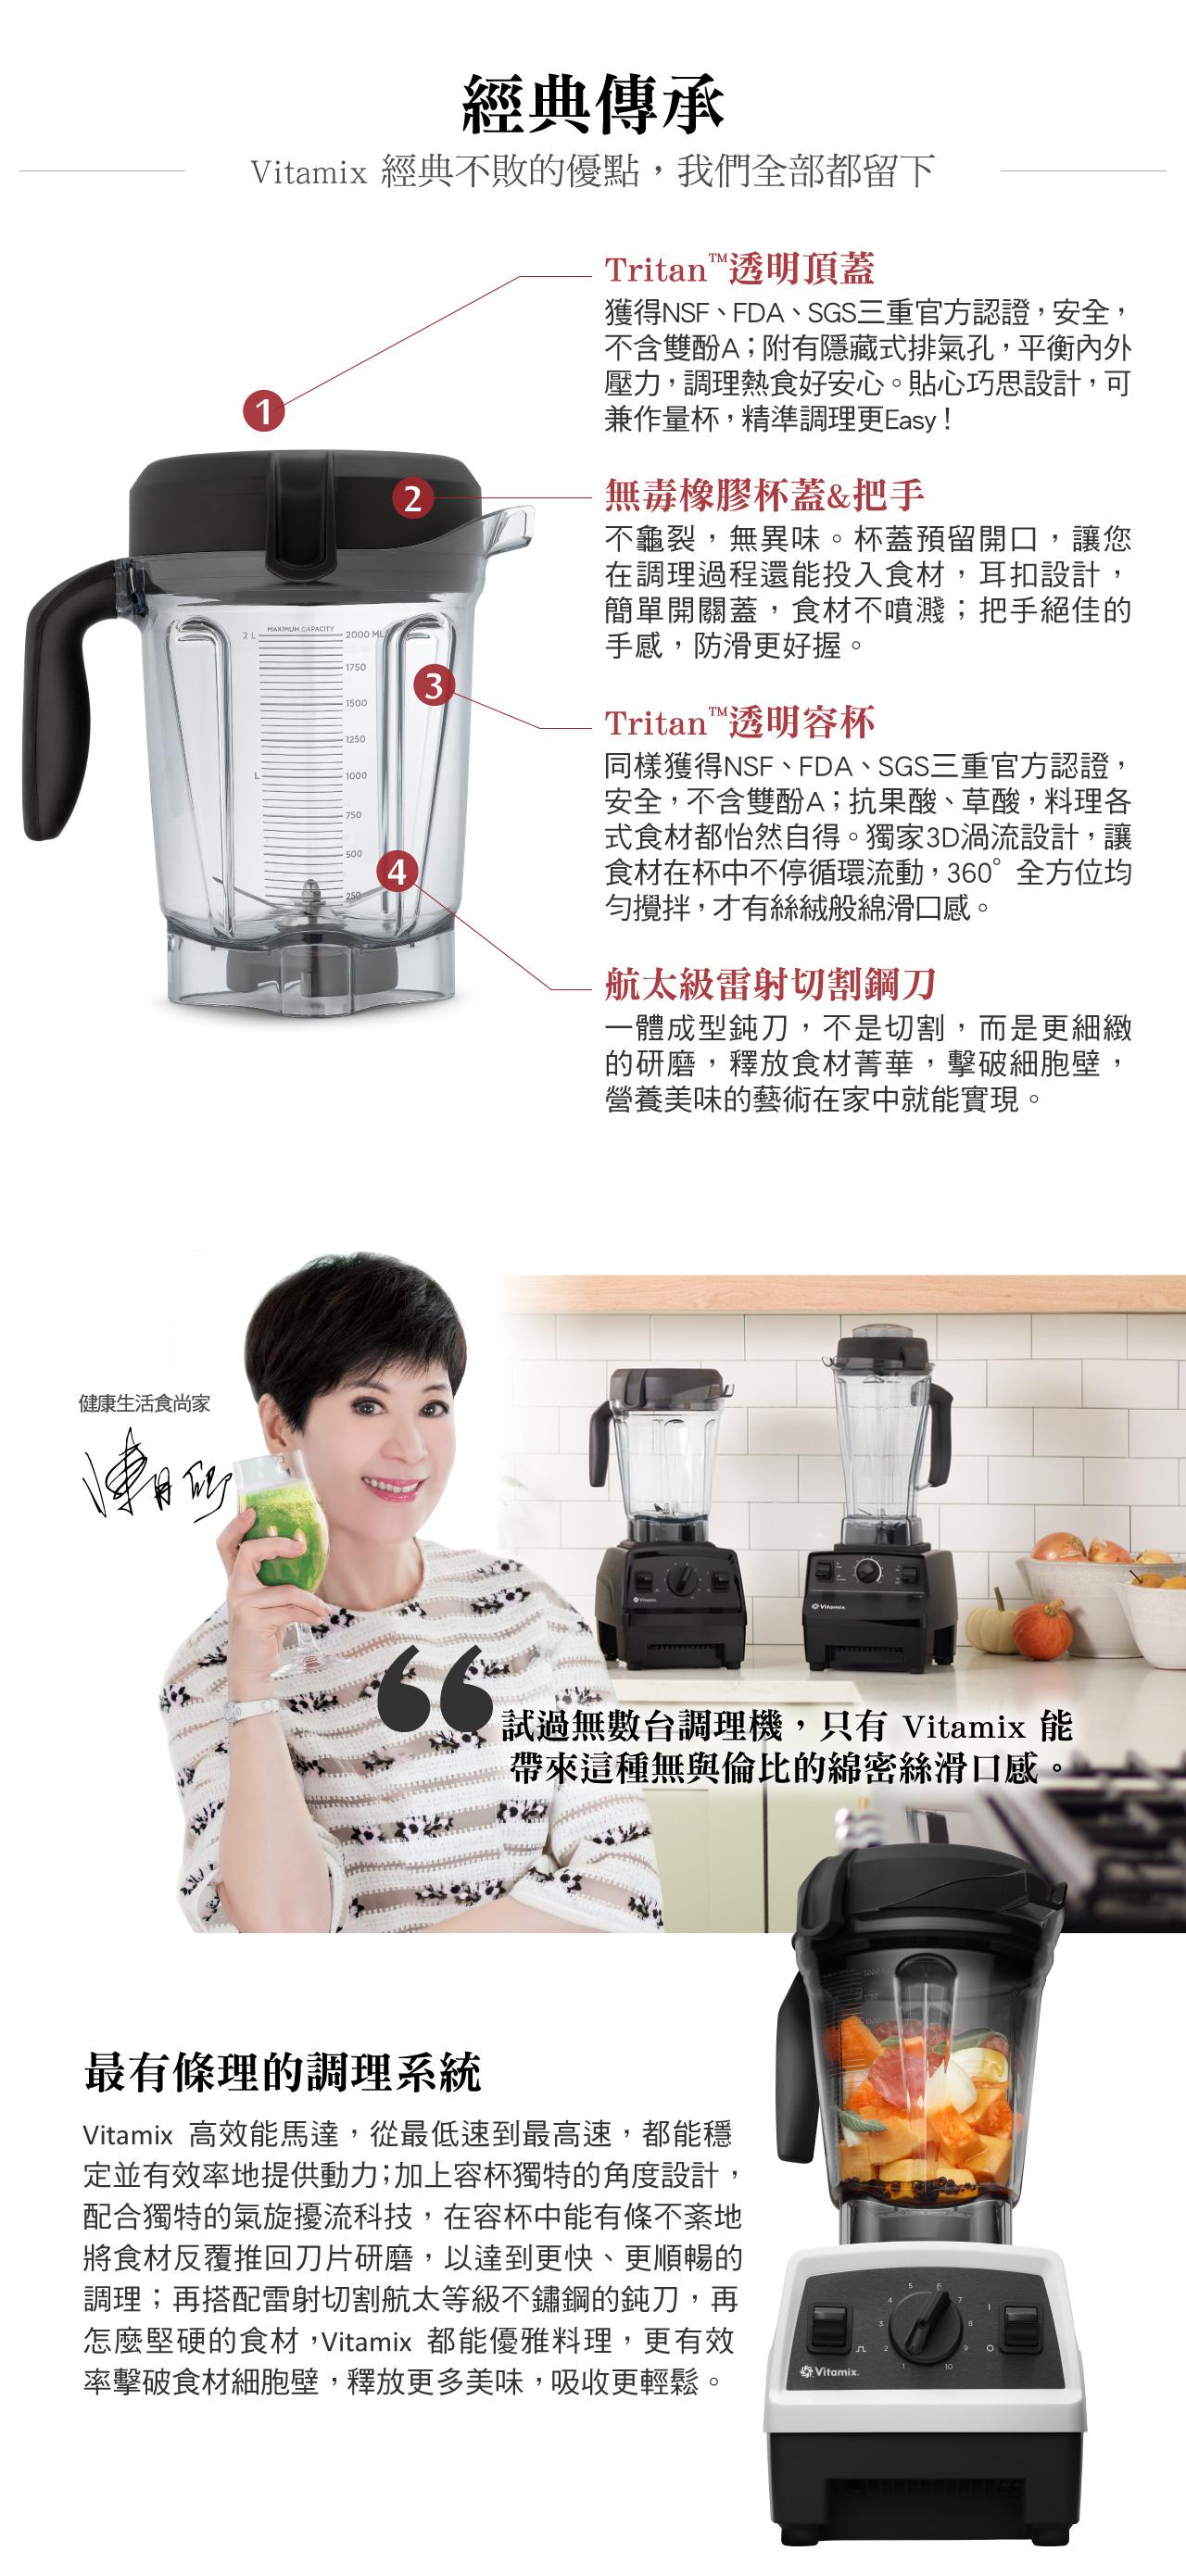 Vitamix-E320調理機-經典傳承與陳月卿推薦